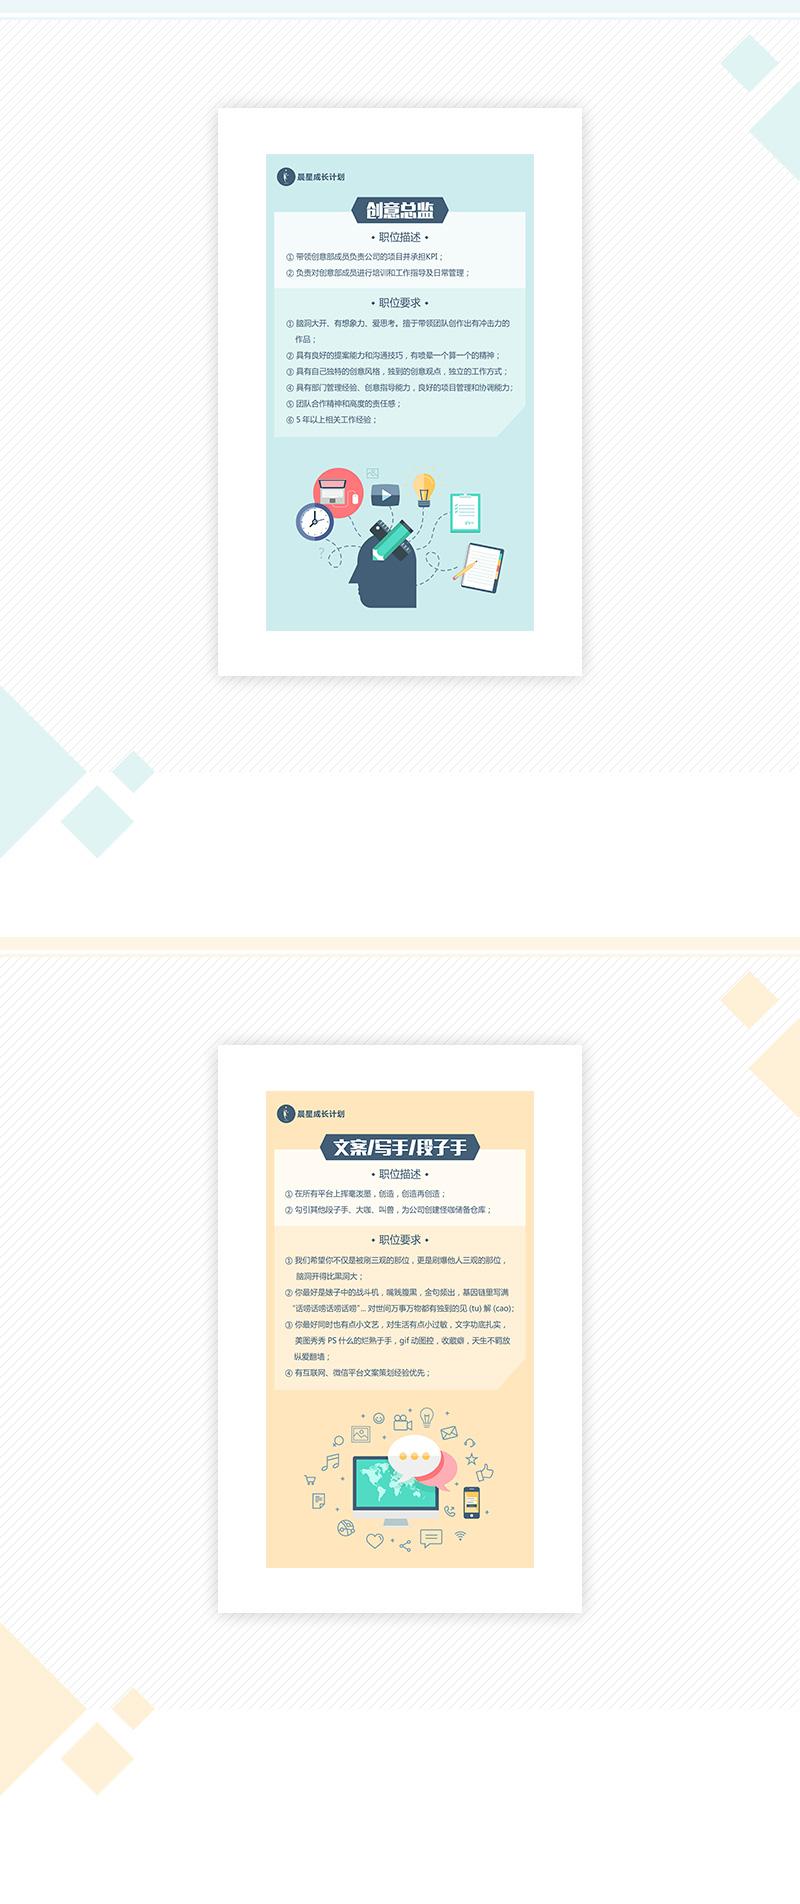 招聘-微博推广配图|其他平面|平面|hannnnn - 原